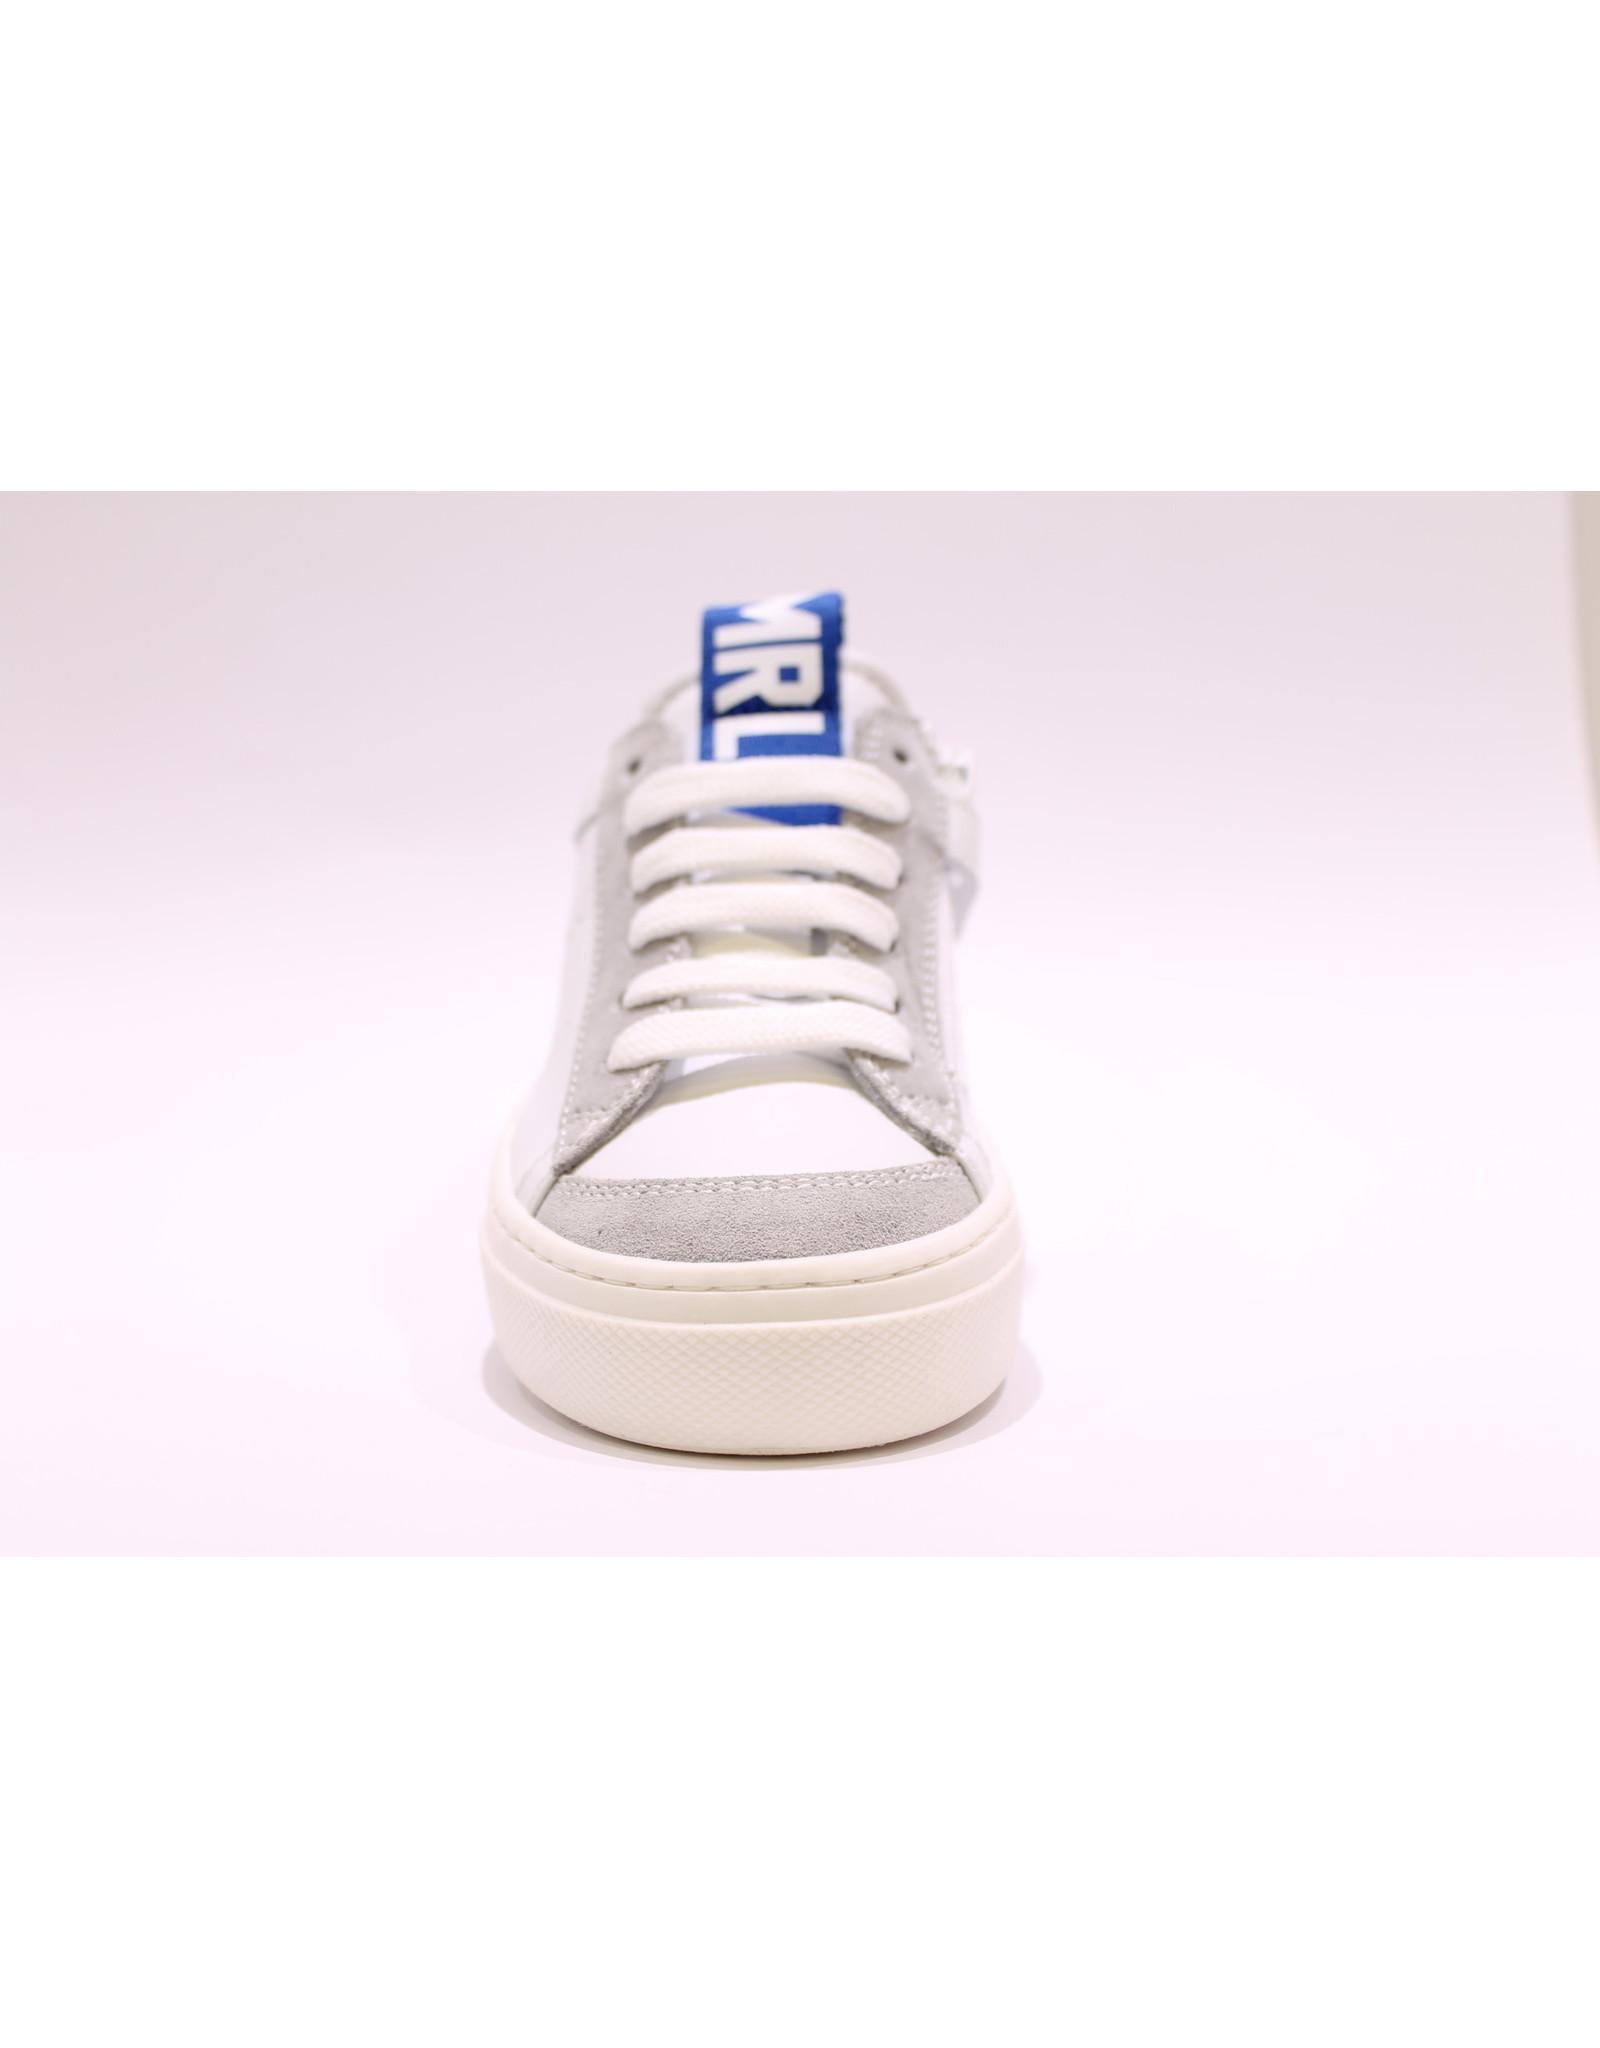 Andrea Morelli sneaker wit/grijs/blauw